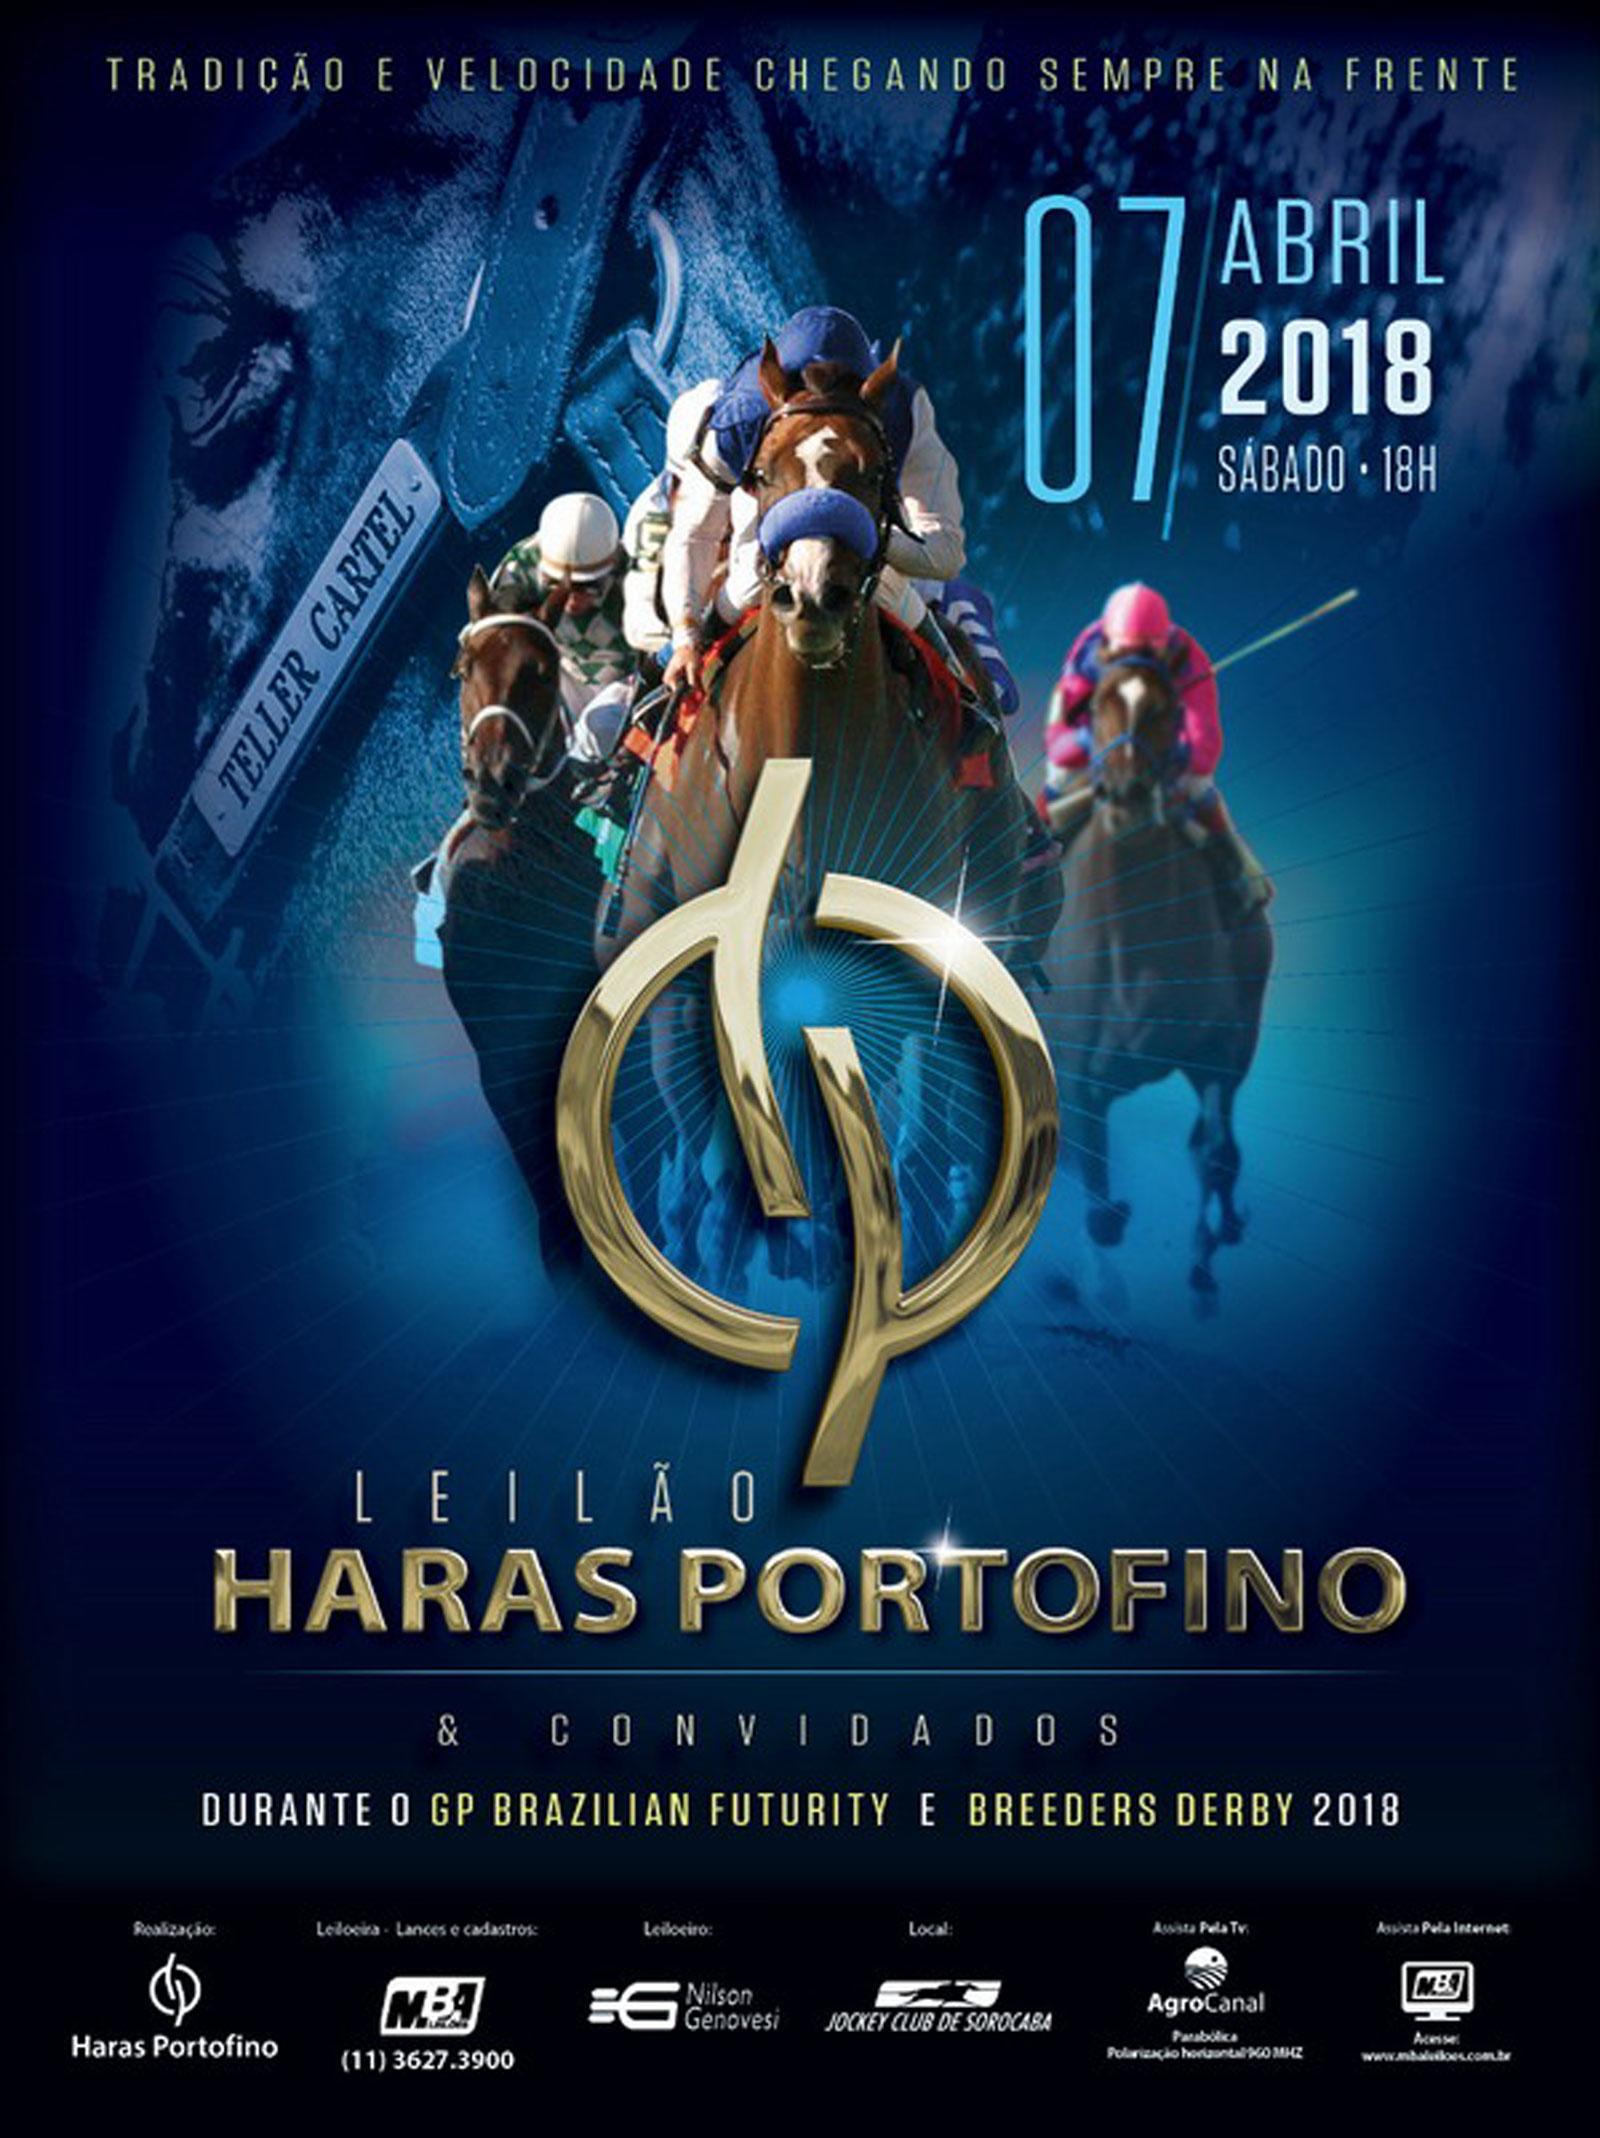 Leilão Haras Portofino & Convidados 2018